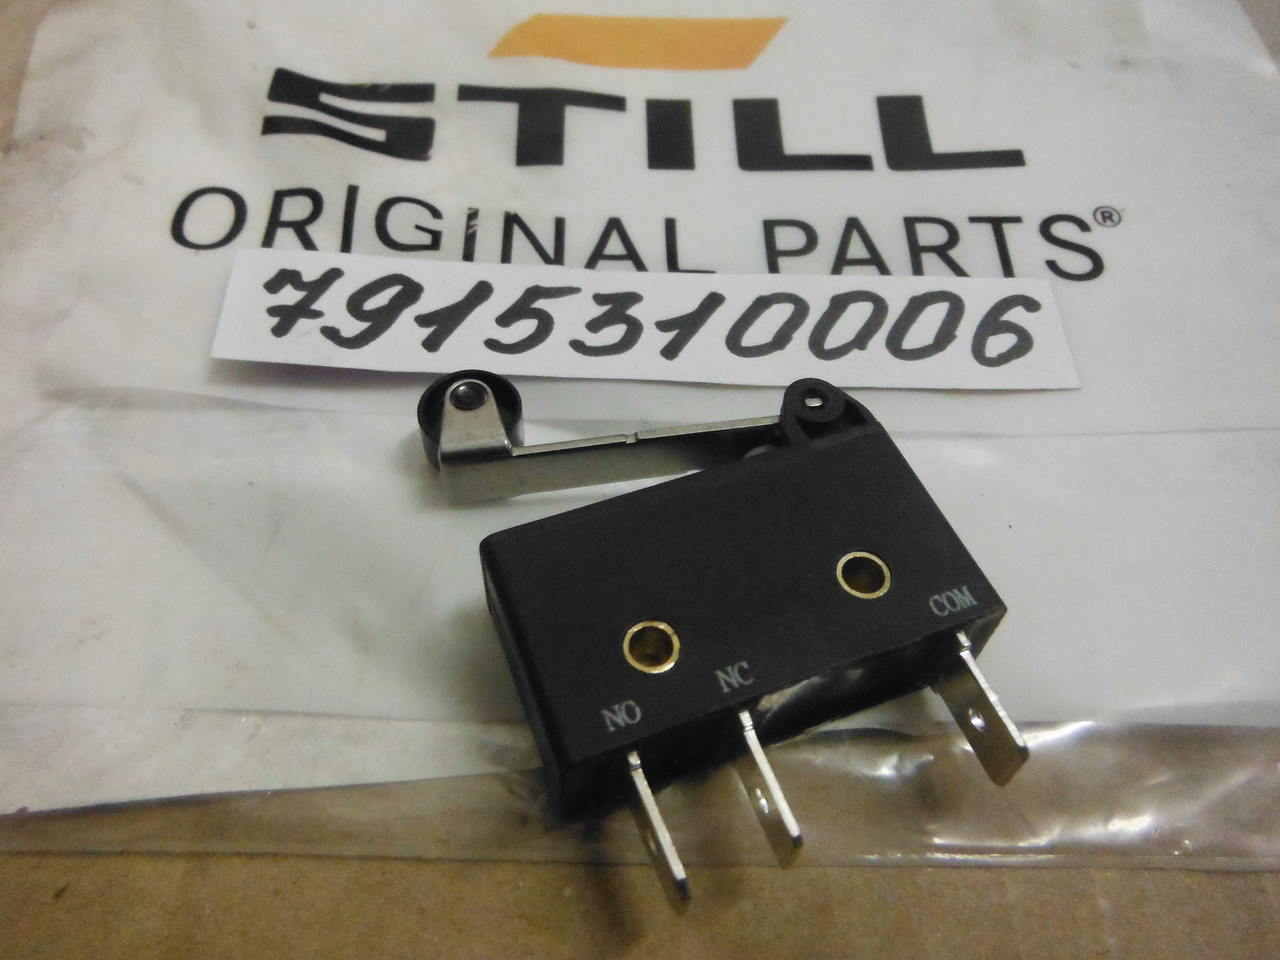 STILL 7915310006 микровыключатель / мікровимикач